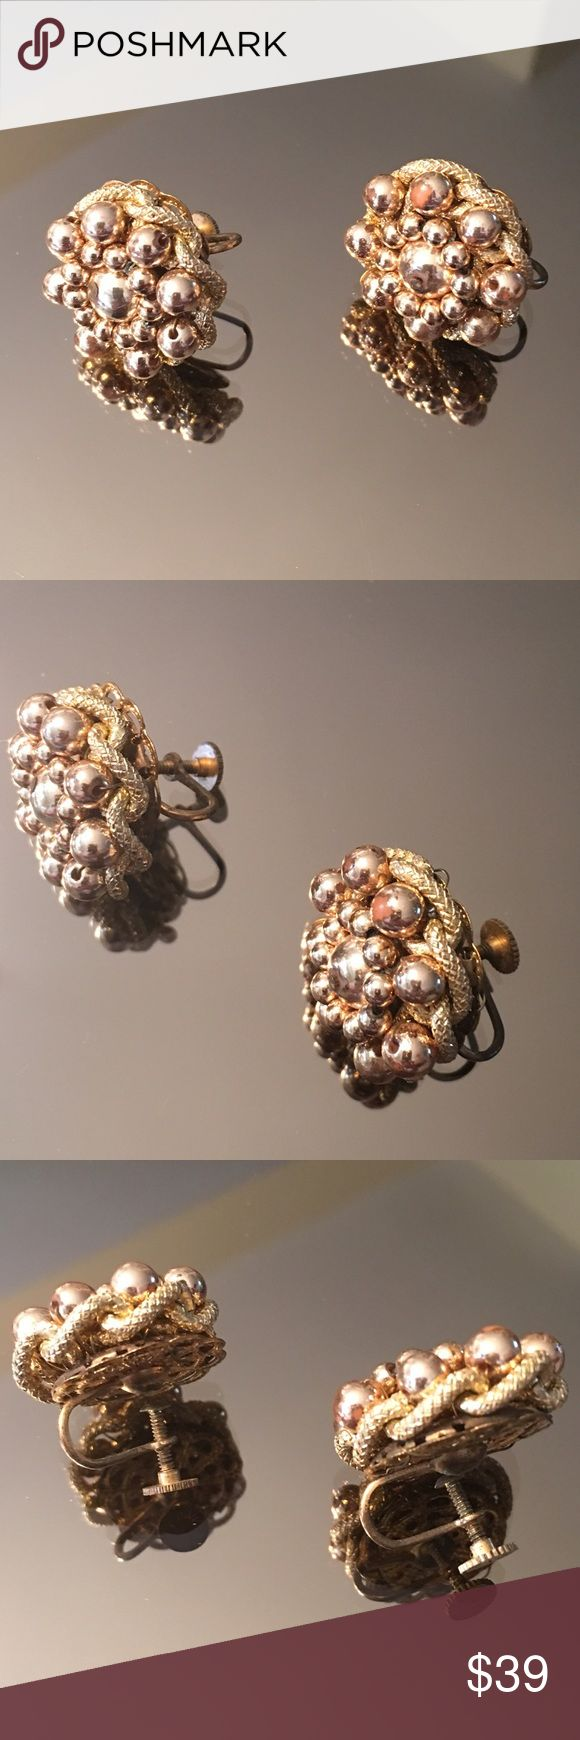 Antique 1930's Screw Back Earrings